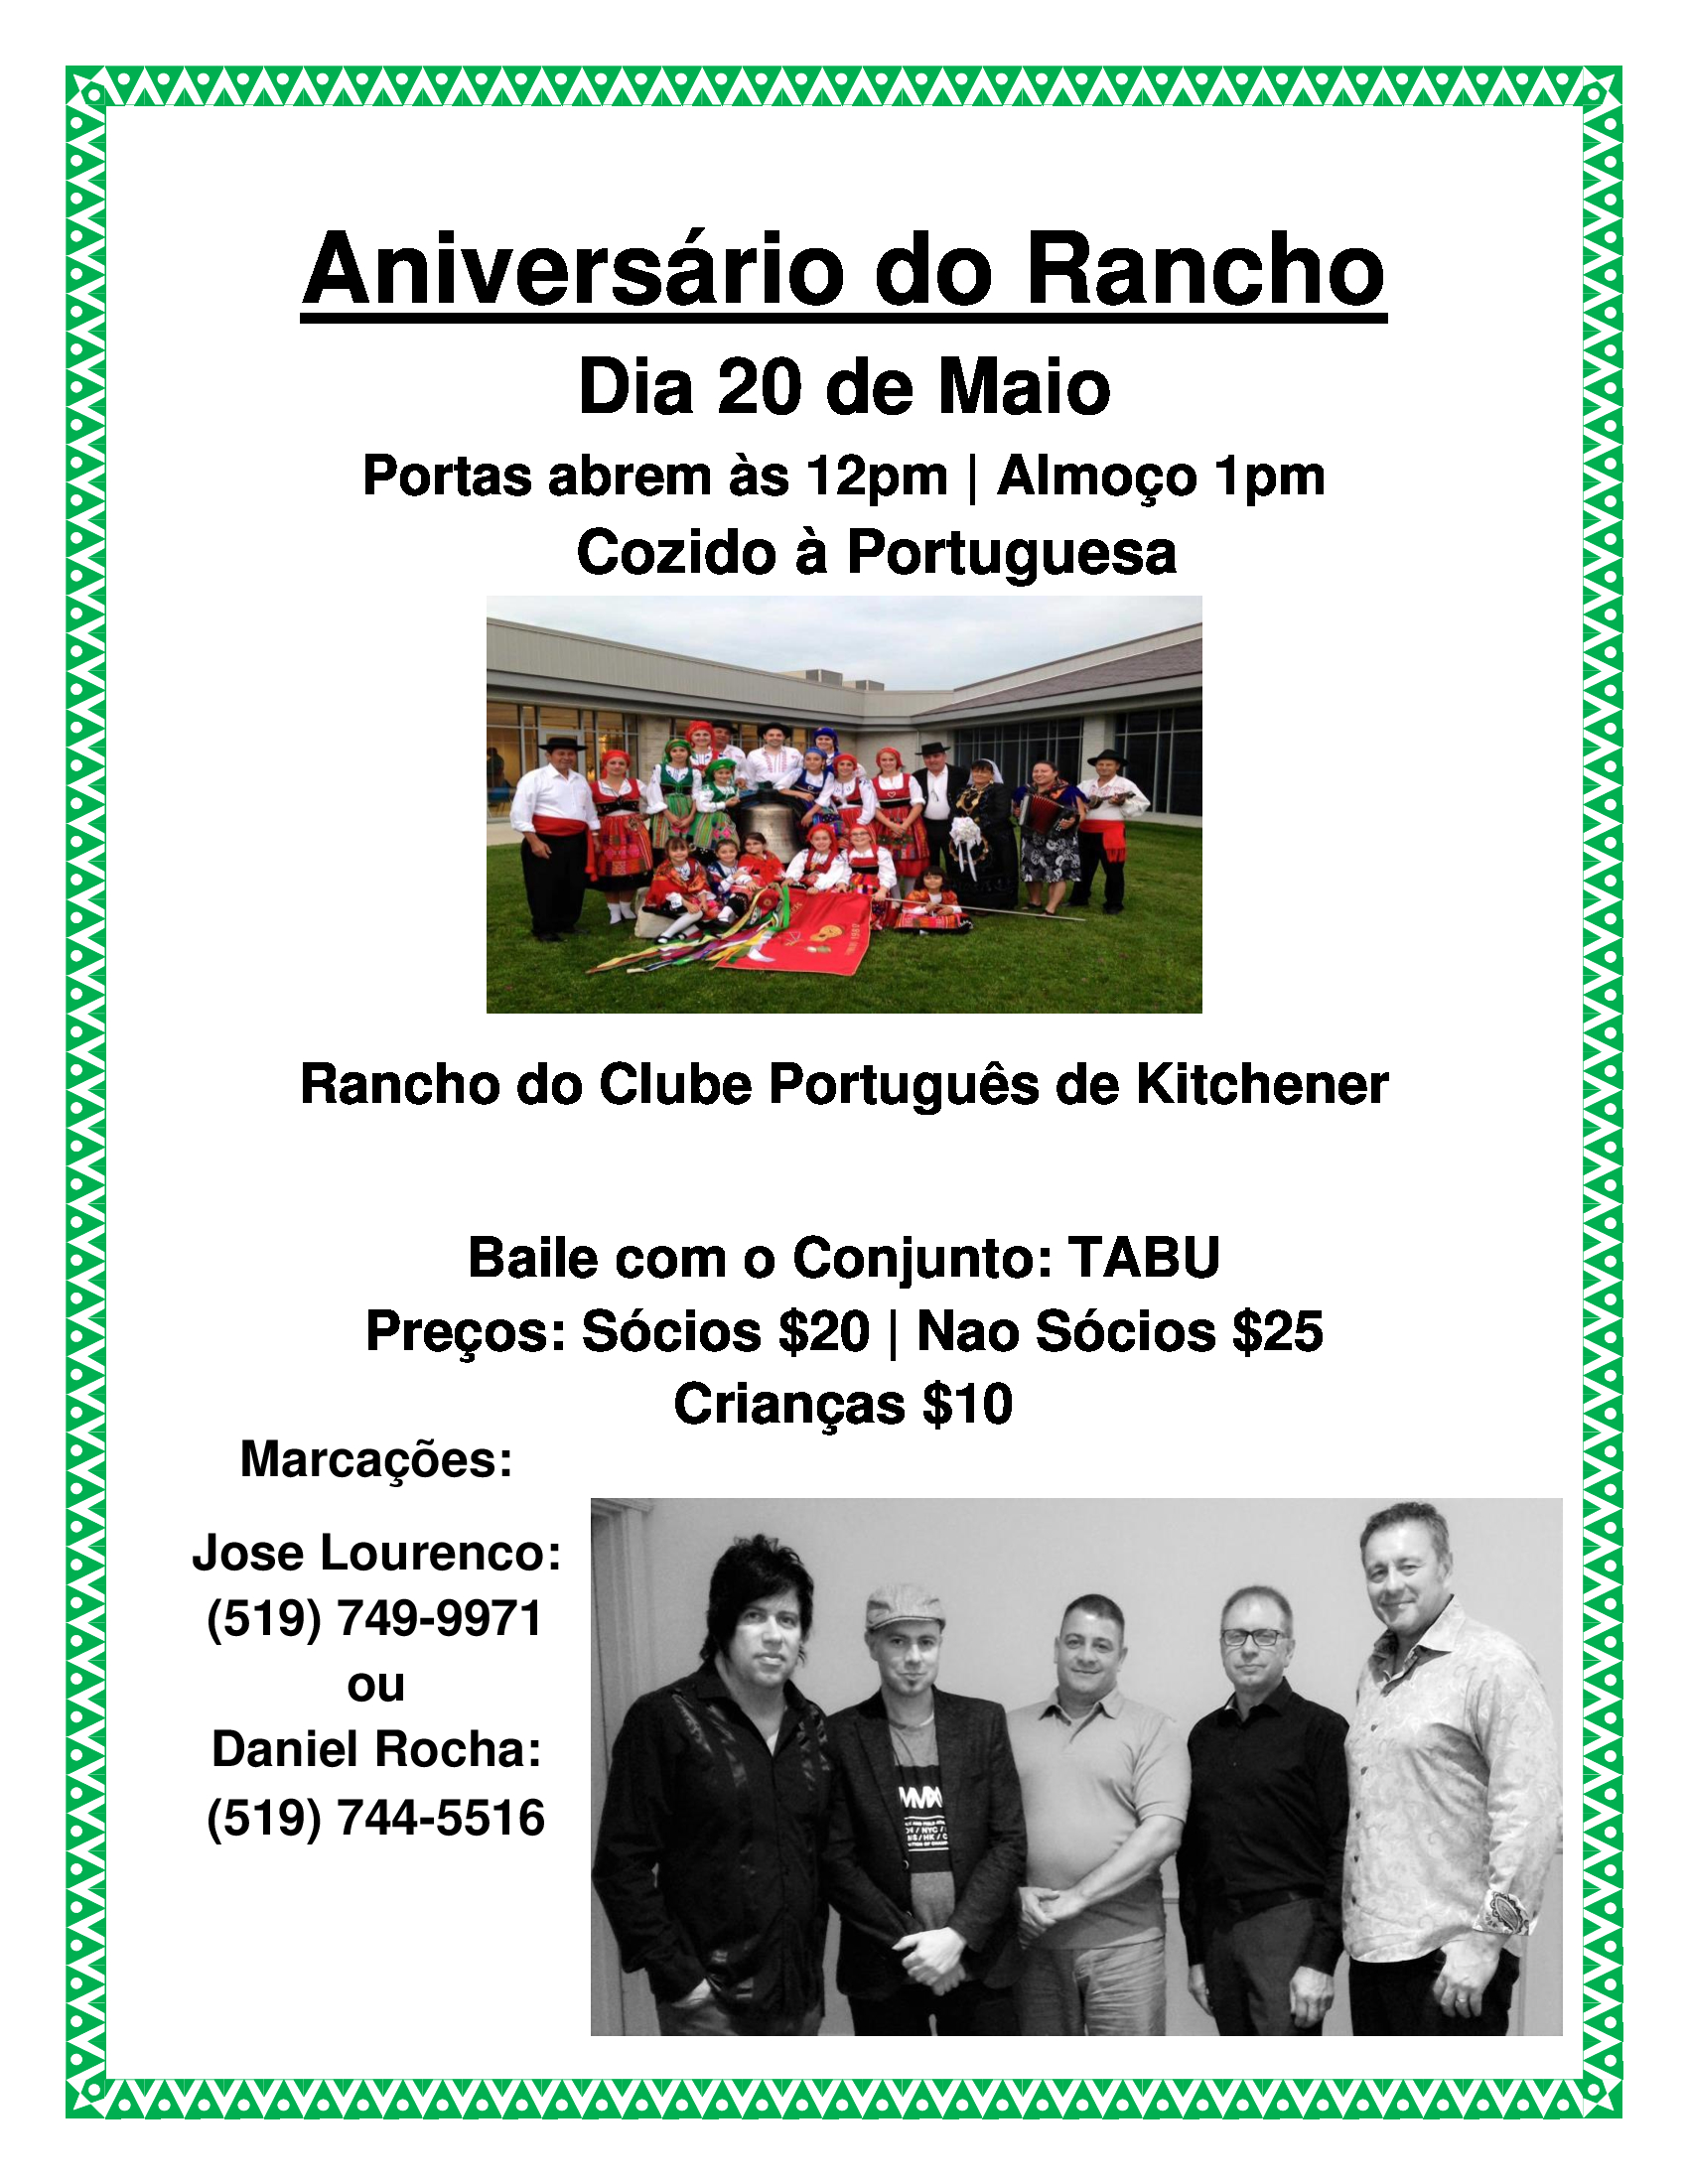 Aniversario Do Rancho 2018